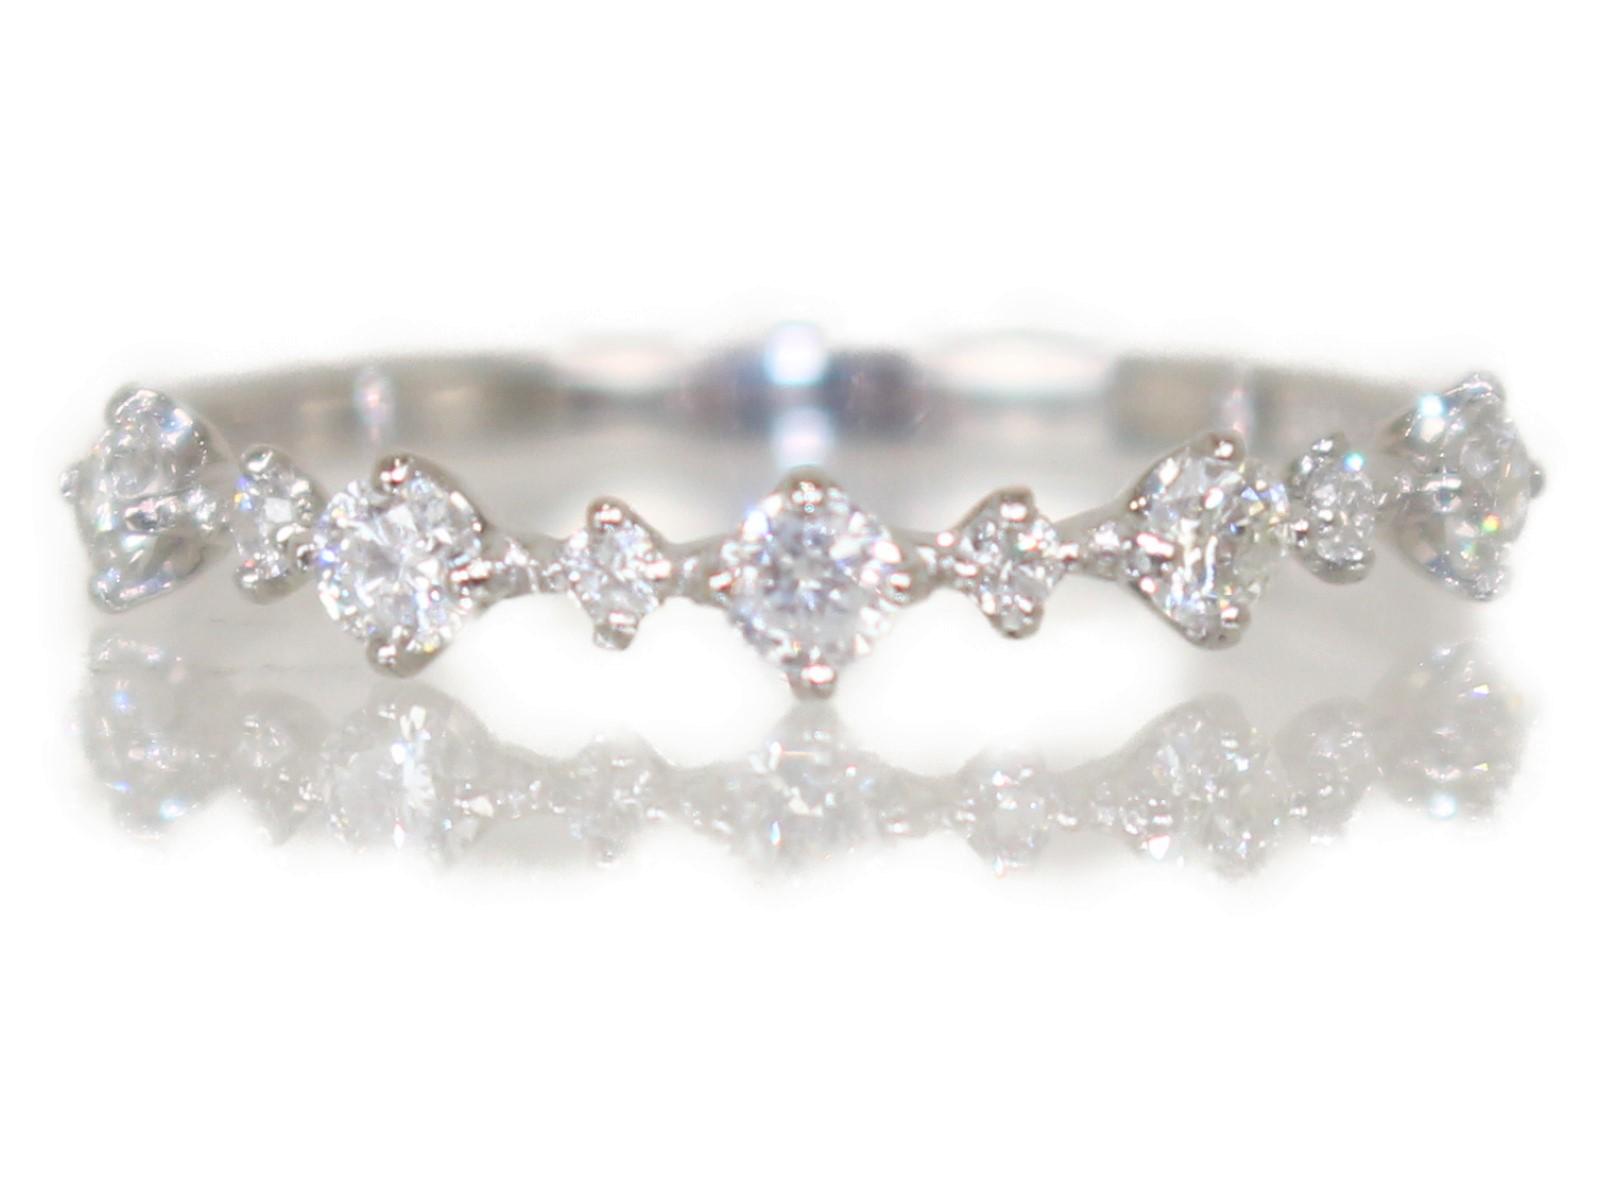 【新品】Pt900 D0.31ctリング 79404803 プラチナ ダイヤモンド Pt900 1.2gレディース メンズ ウィメンズ シンプル プレゼント かわいい 指輪 【中古】